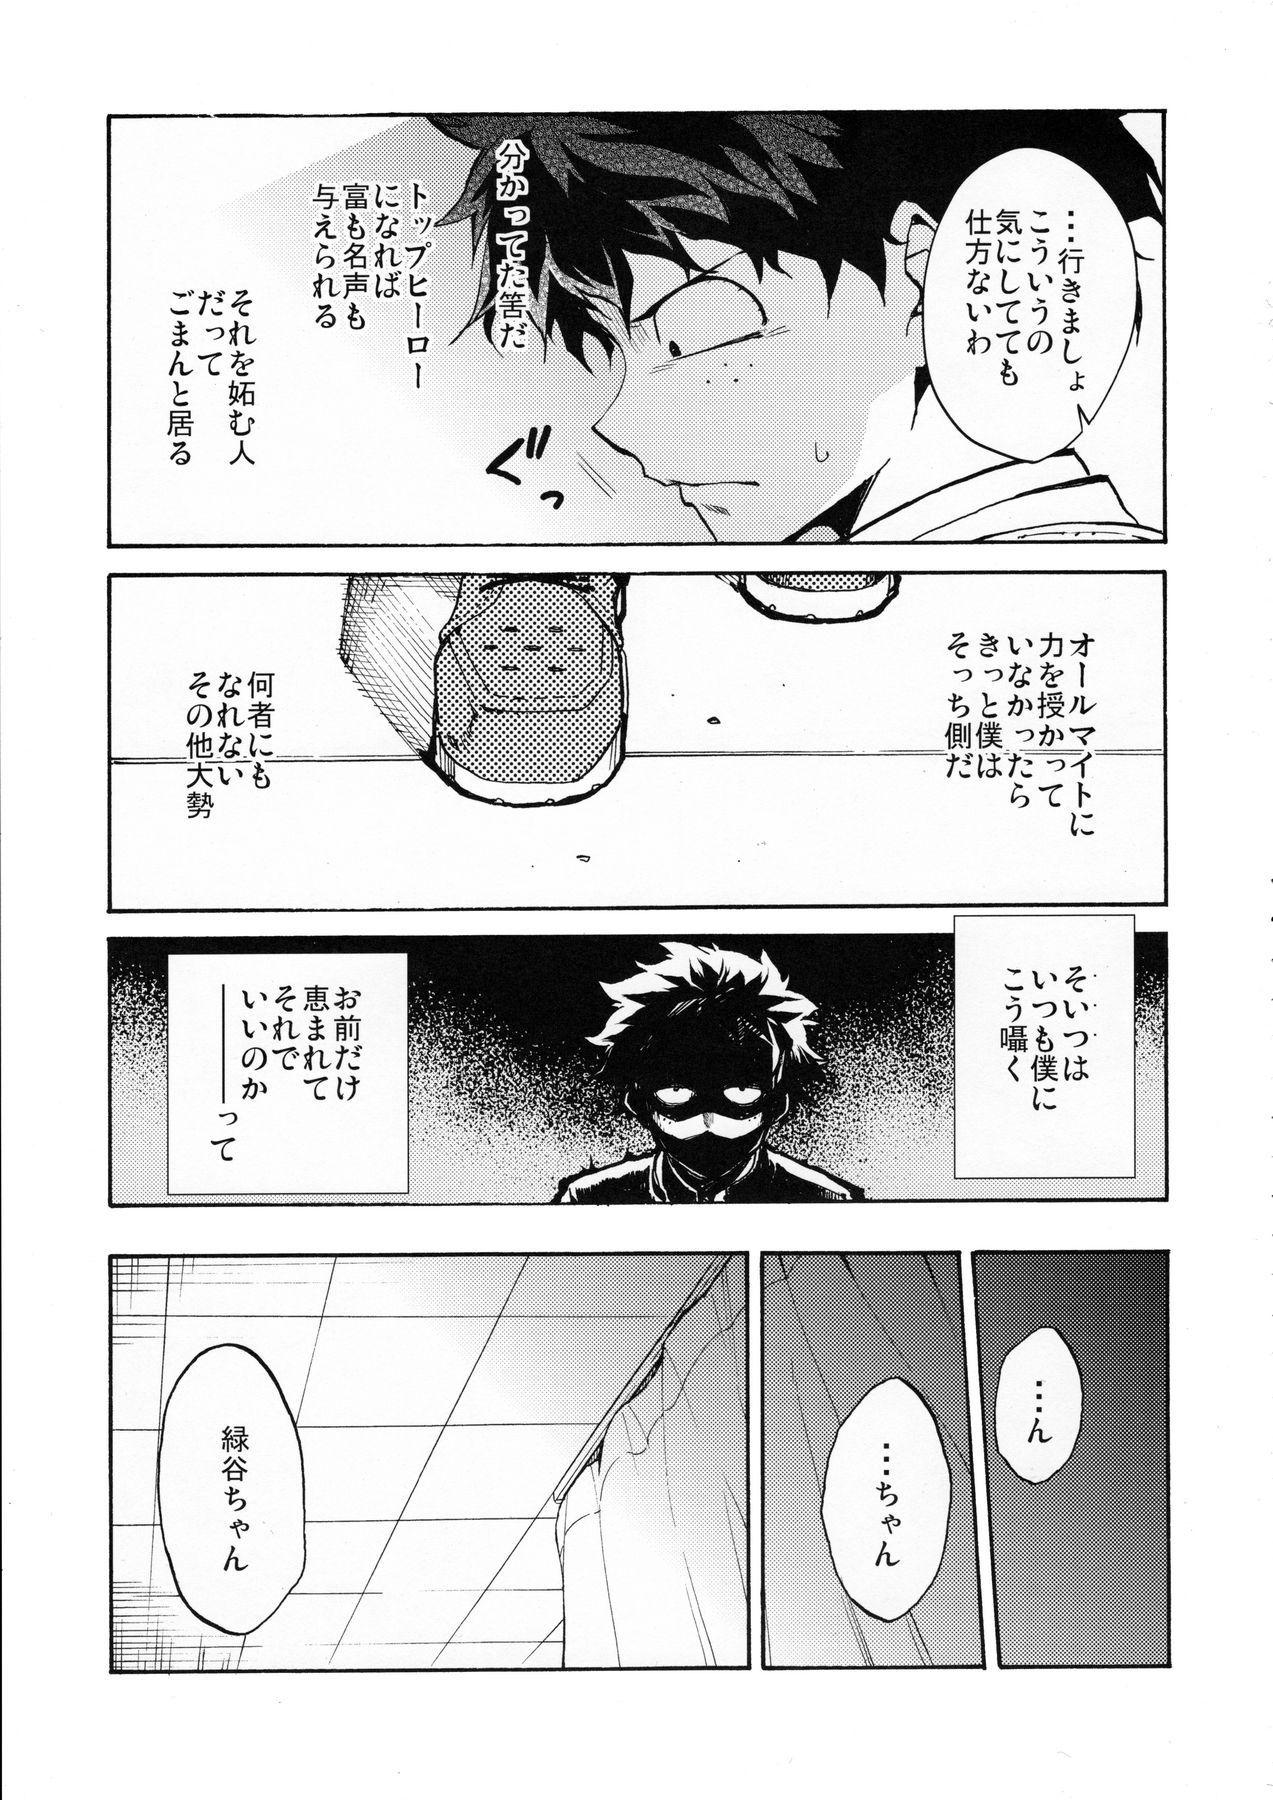 Ukiseikou hentai manga picture 4